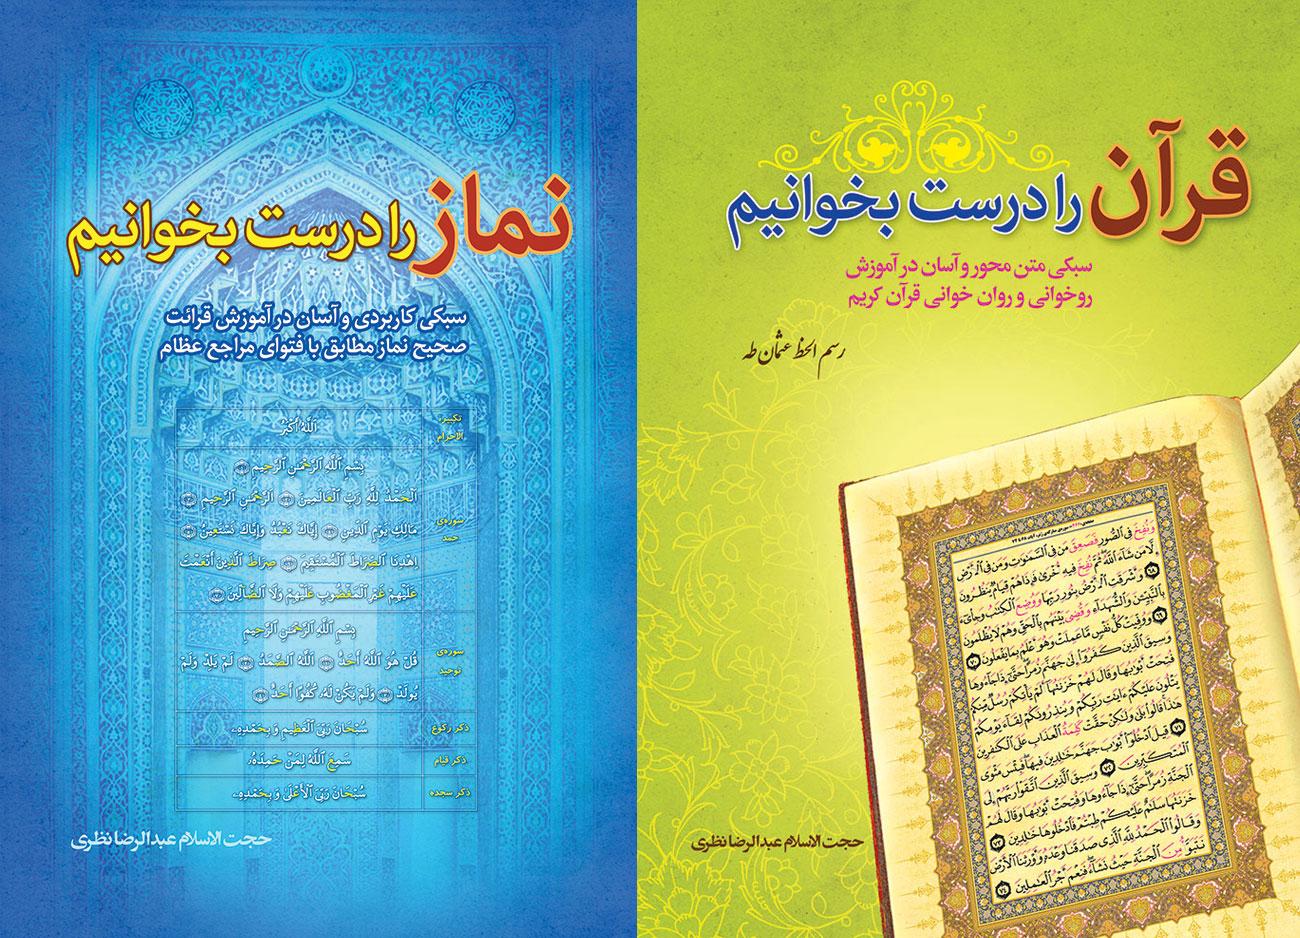 کتاب آموزش قرآن و آموزش نماز. عبدالرضا نظری